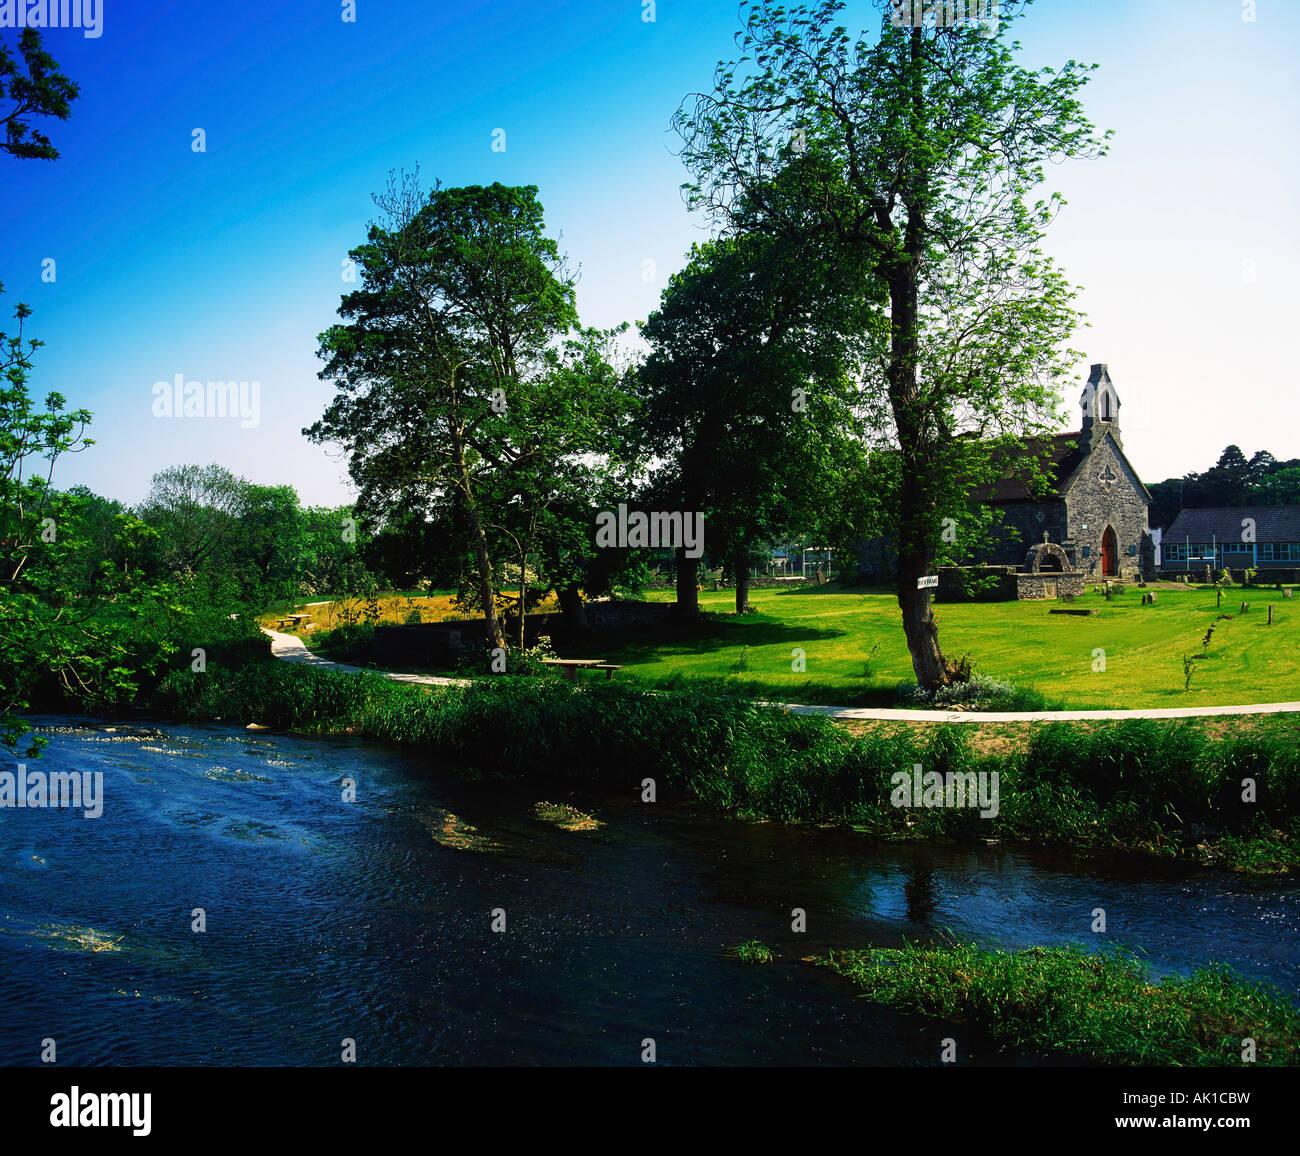 Naissance de Patrick Kavanagh, la rivière Fane, vieille église en pierre de Saint Daig, Inishkeen, Co Monaghan, Irlande Banque D'Images